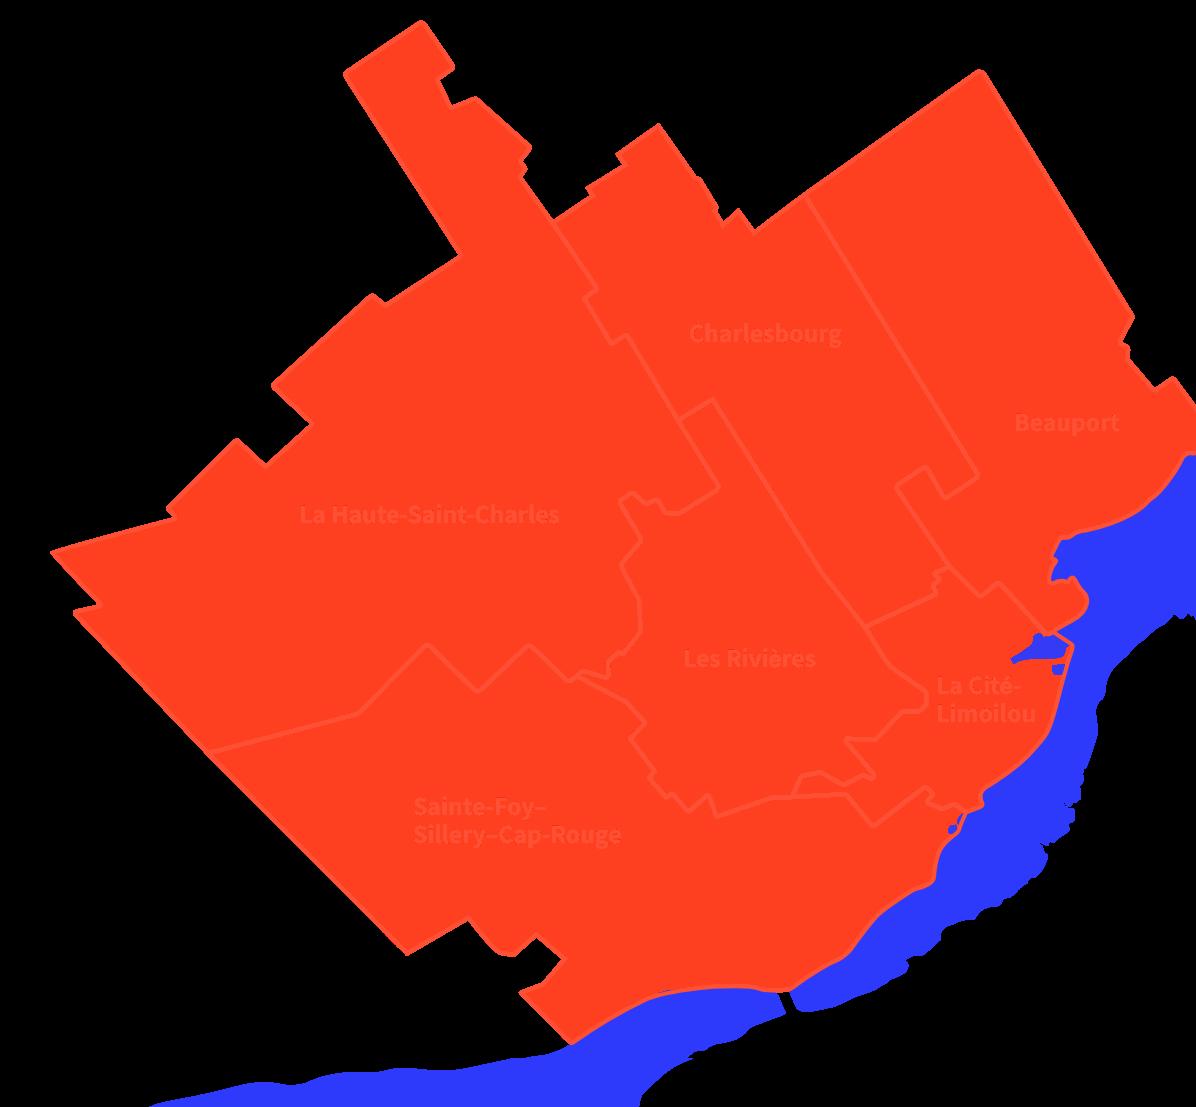 Image carte arrondissements ville Québec